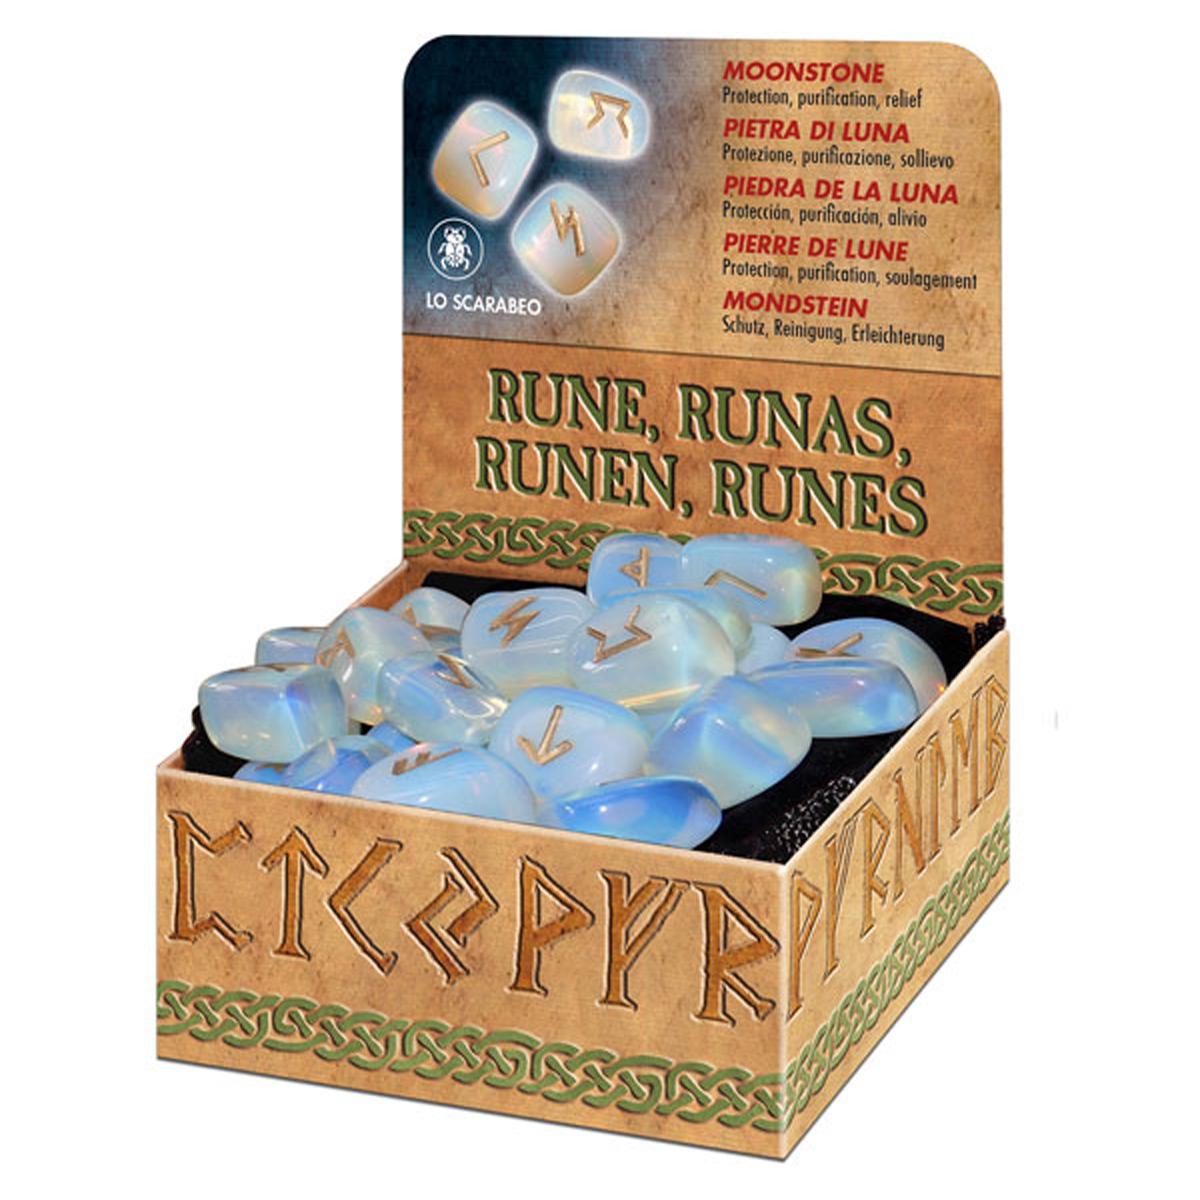 Coffret \'Runes\' pierre de lune (protection, purification, soulagement) - [R0595]